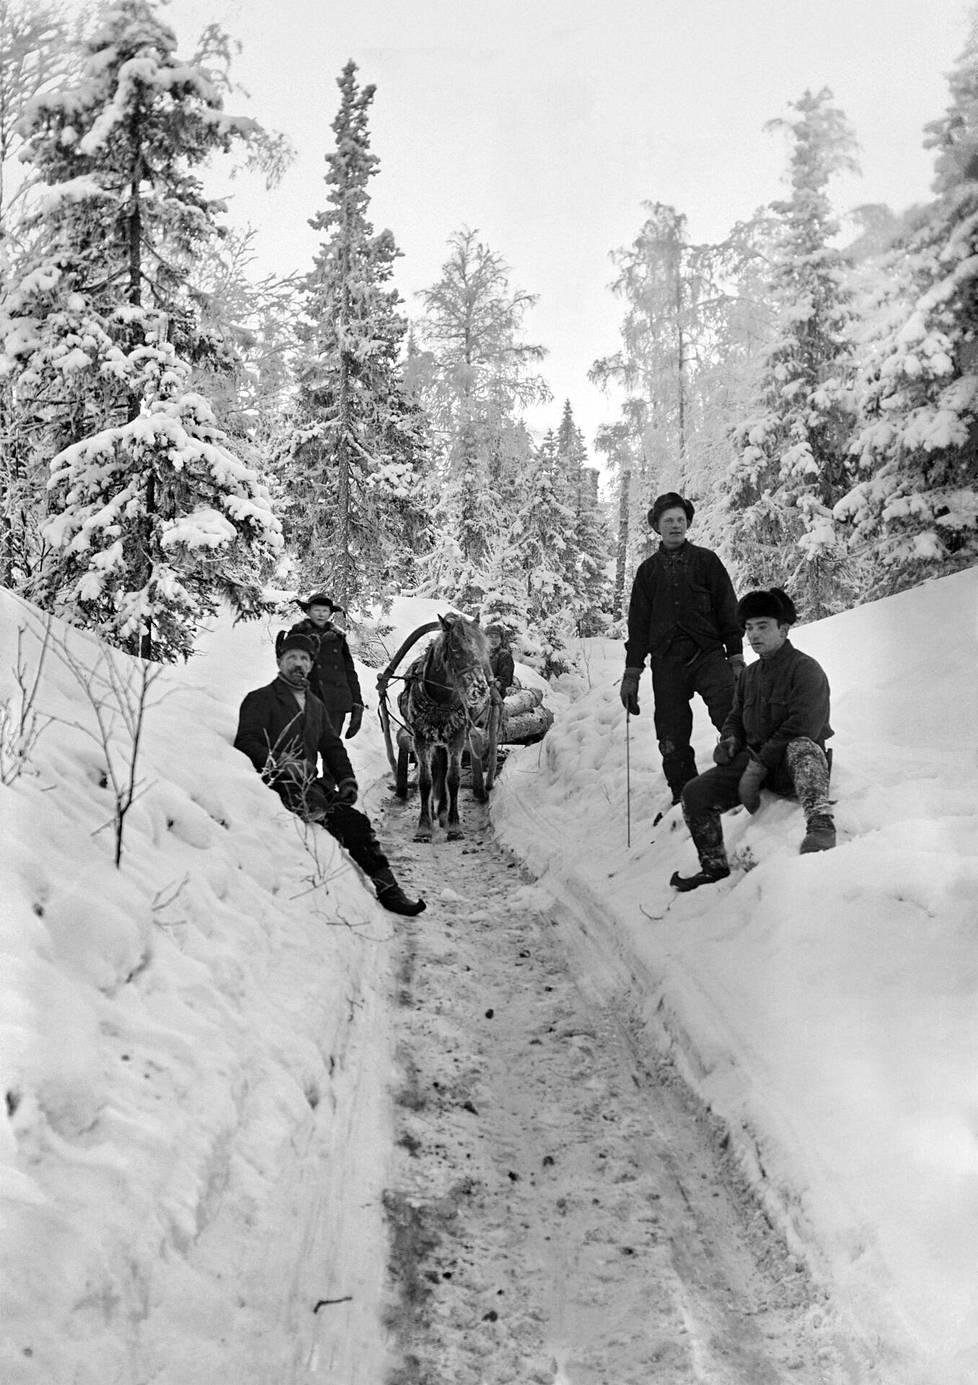 Savotassa kaadettuja tukkeja vedettiin hevosella niin sanottuja varsiteitä pitkin. Tukkirekeä varten jäädytettiin raiteet, mikä mahdollisti suuret kuormat. Niilo Kotila (vas.) ja Paavo Kotila istuvat lumipenkalla. Paavon takana seisoo Eino Kakko, hevosen vieressä Einon isä. Kuva on otettu 30-luvun loppupuolella.